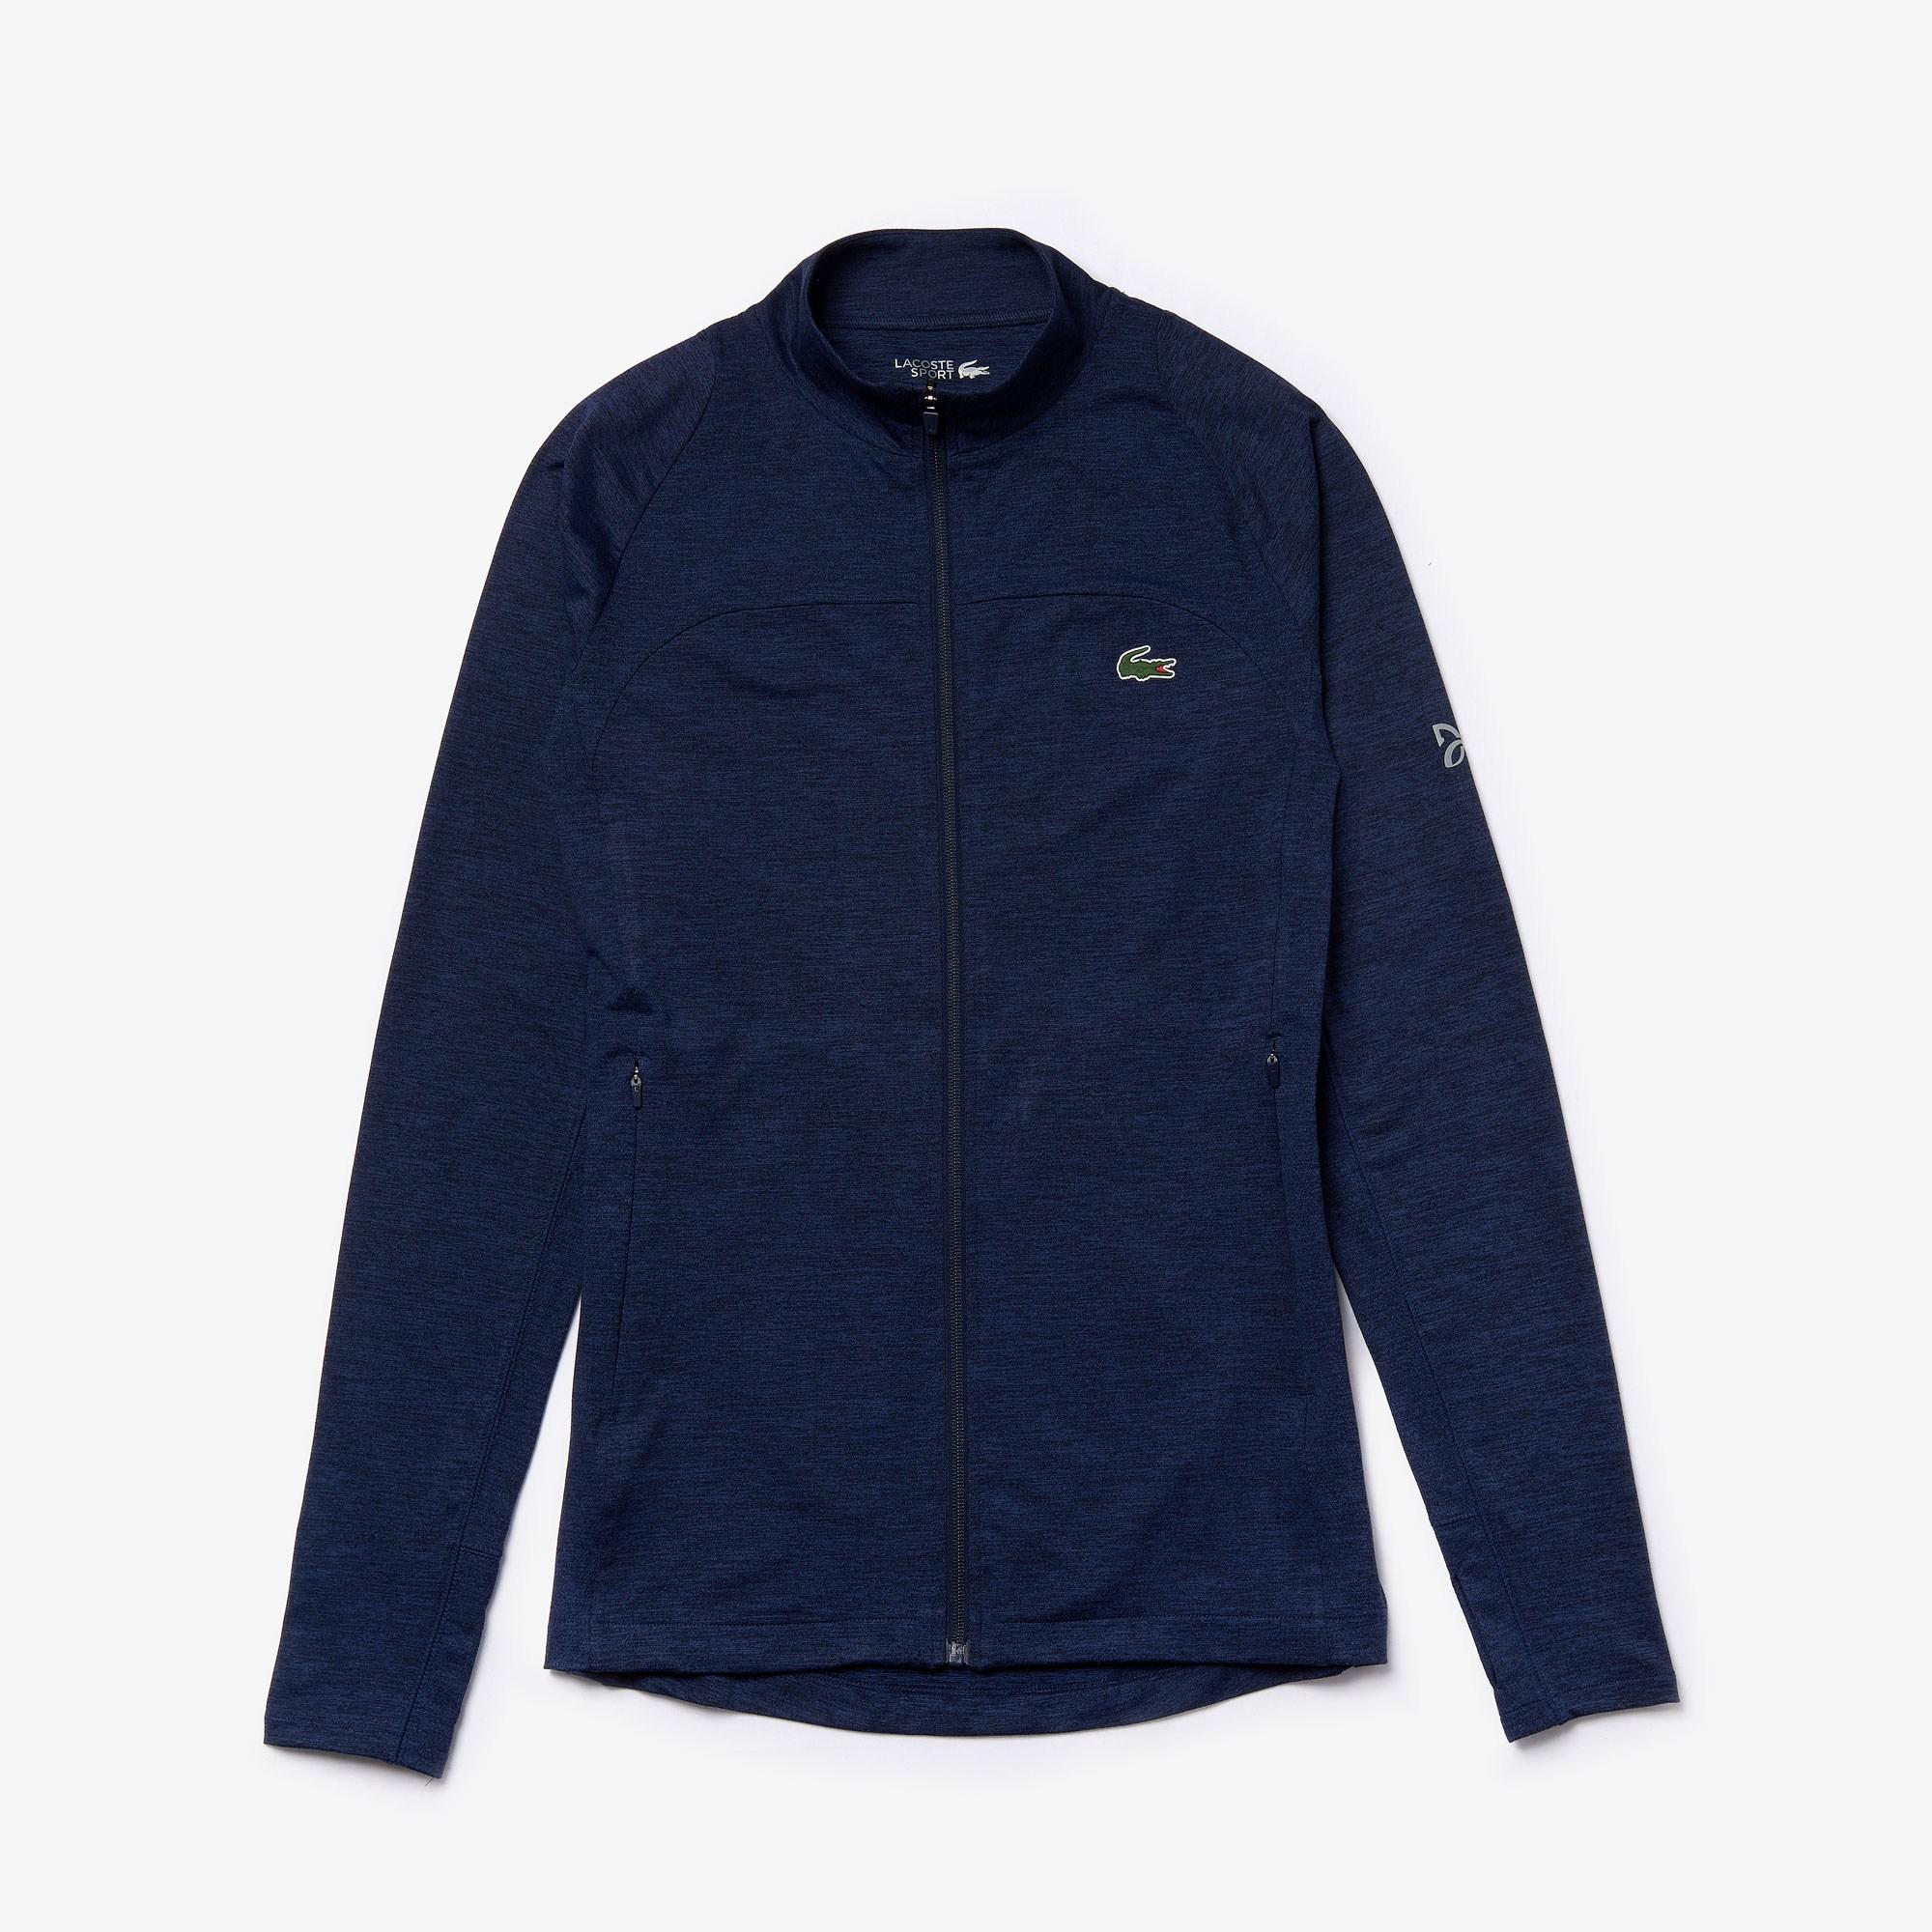 라코스테 Men's SPORT Novak Djokovic Stretch Zippered Jacket